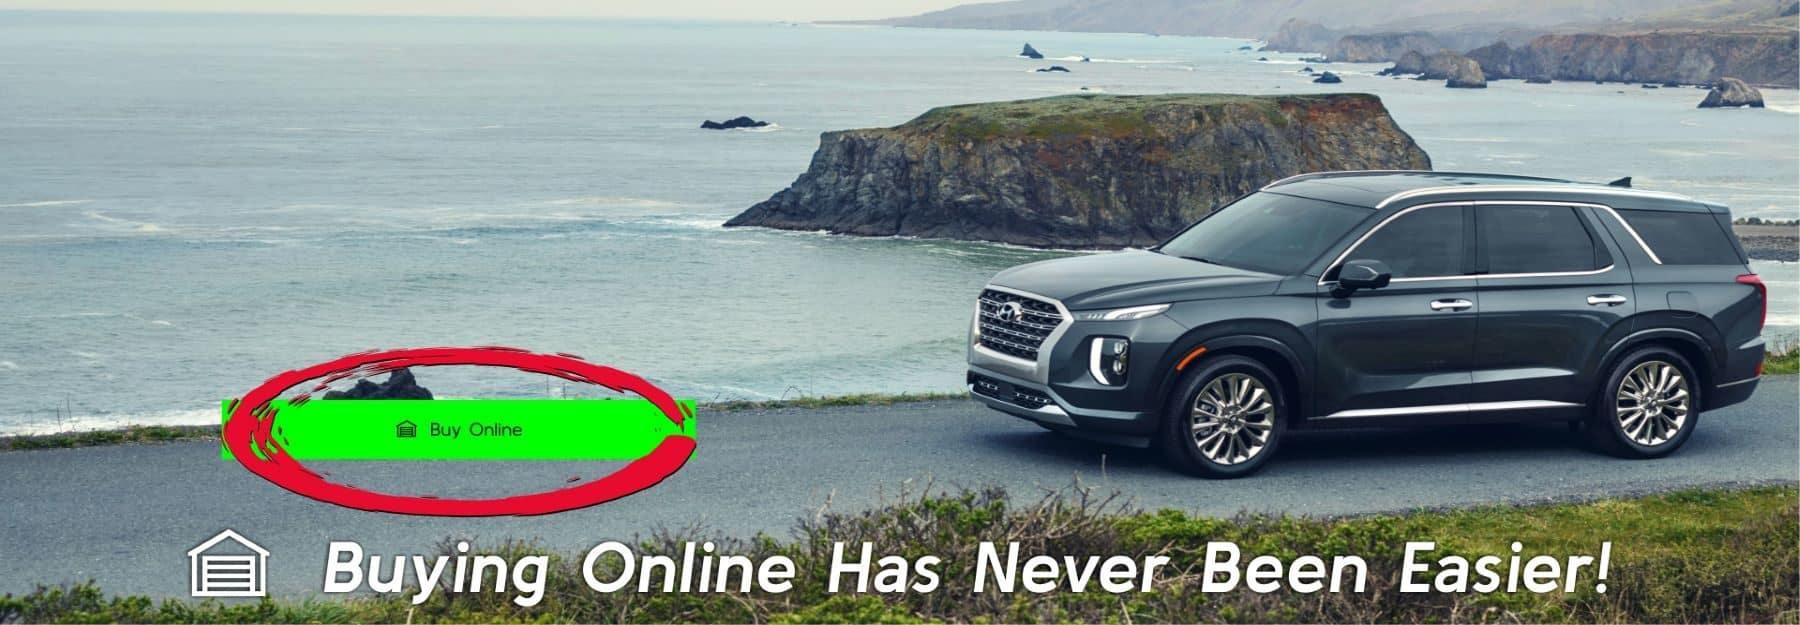 Silver Hyundai SUV on the beach